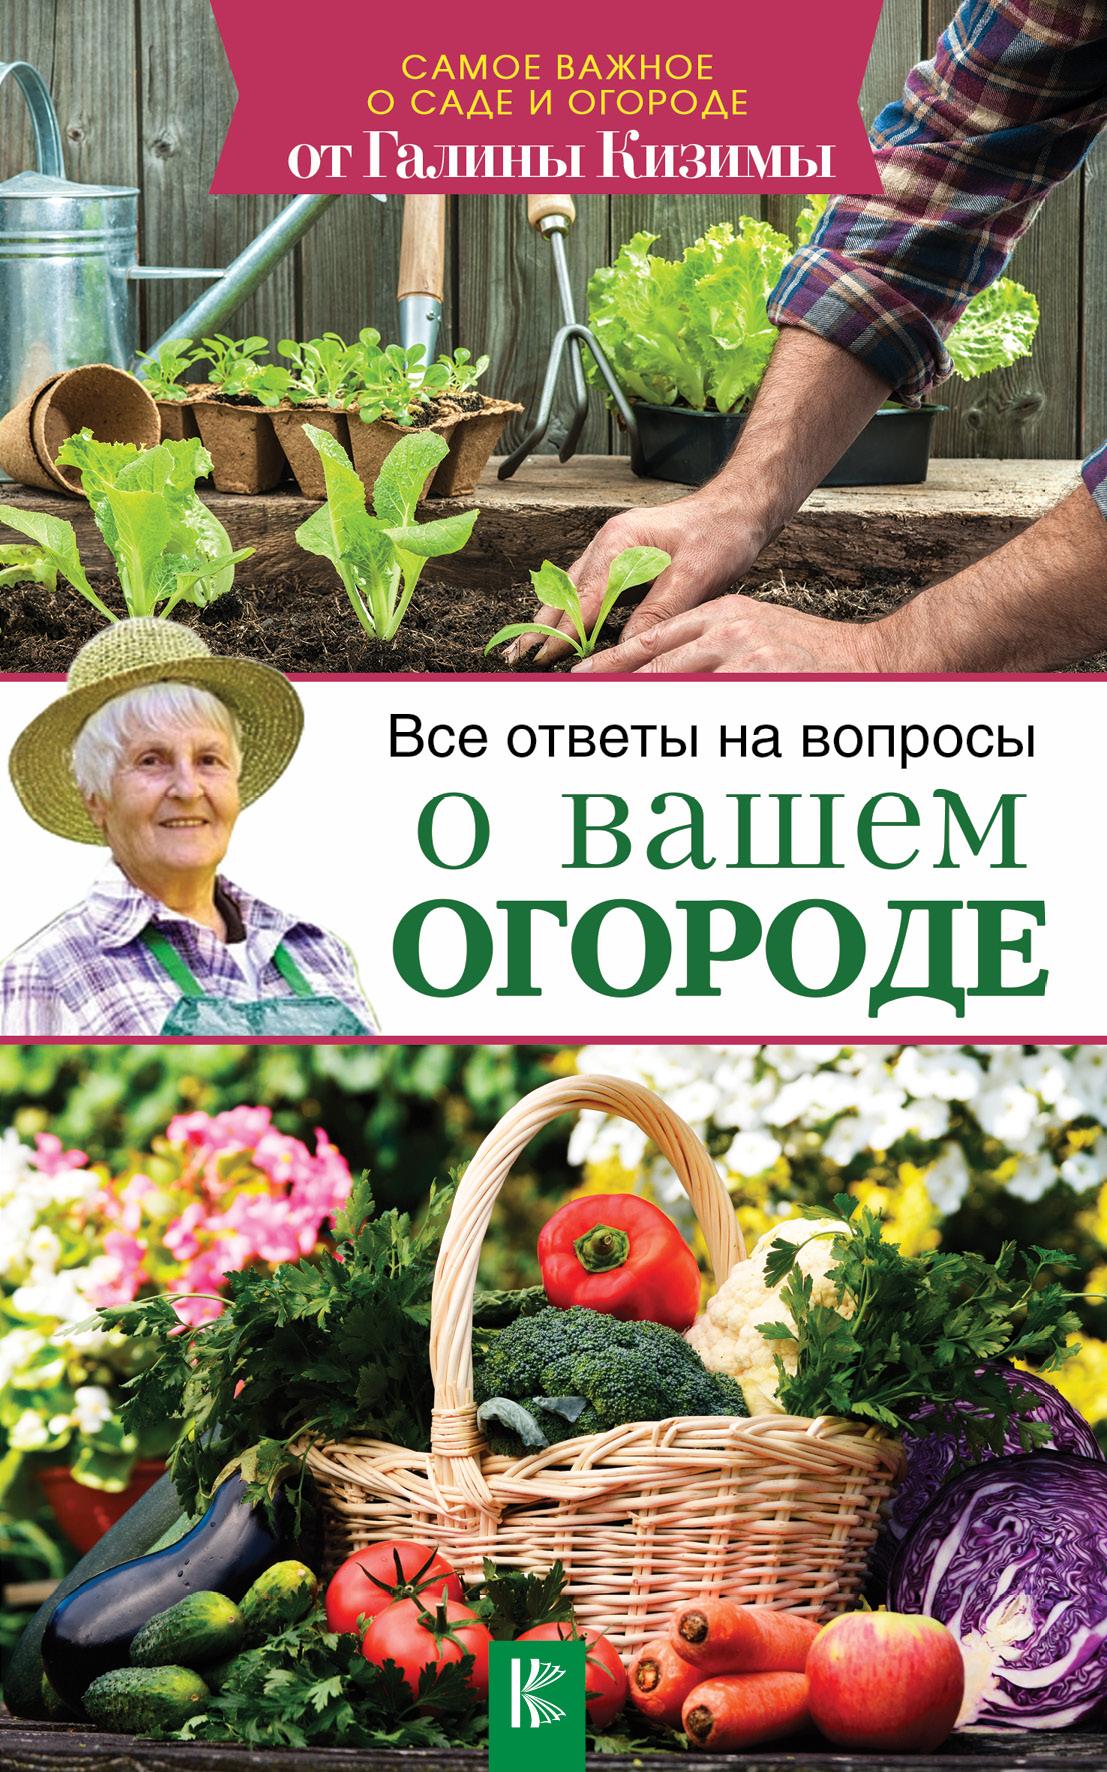 купить Галина Кизима Все ответы на вопросы о вашем огороде по цене 60 рублей